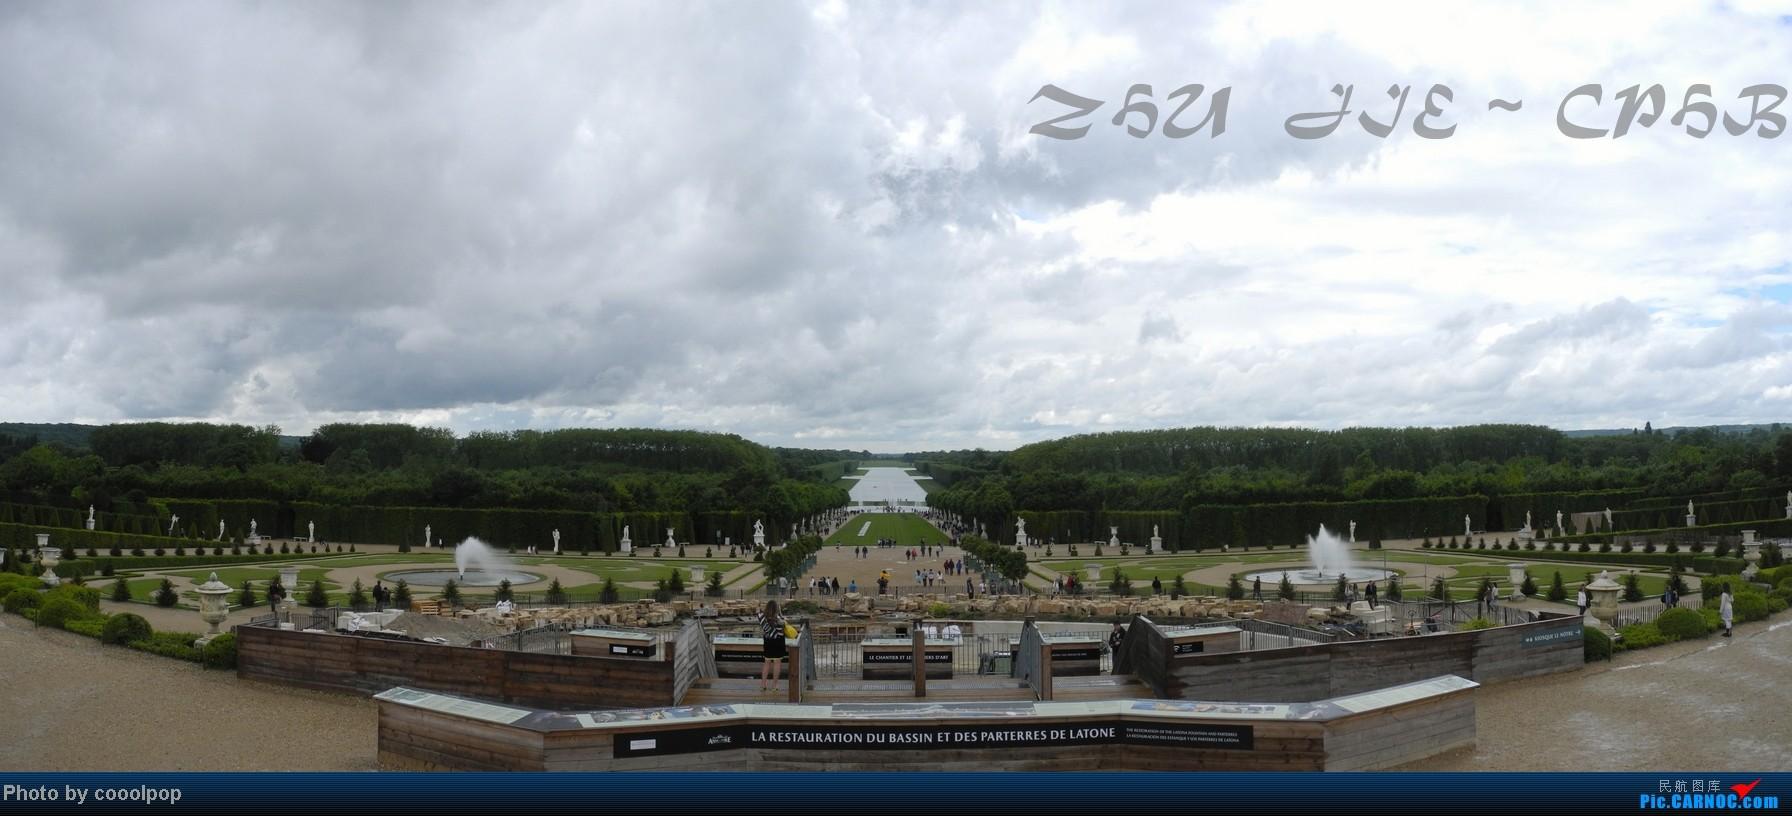 Re:[原创]继续继续! 巴黎凡尔赛宫!以及巴黎 经停 法兰克福 回北京!! 继续我的汉莎之旅!(2014年第5帖)